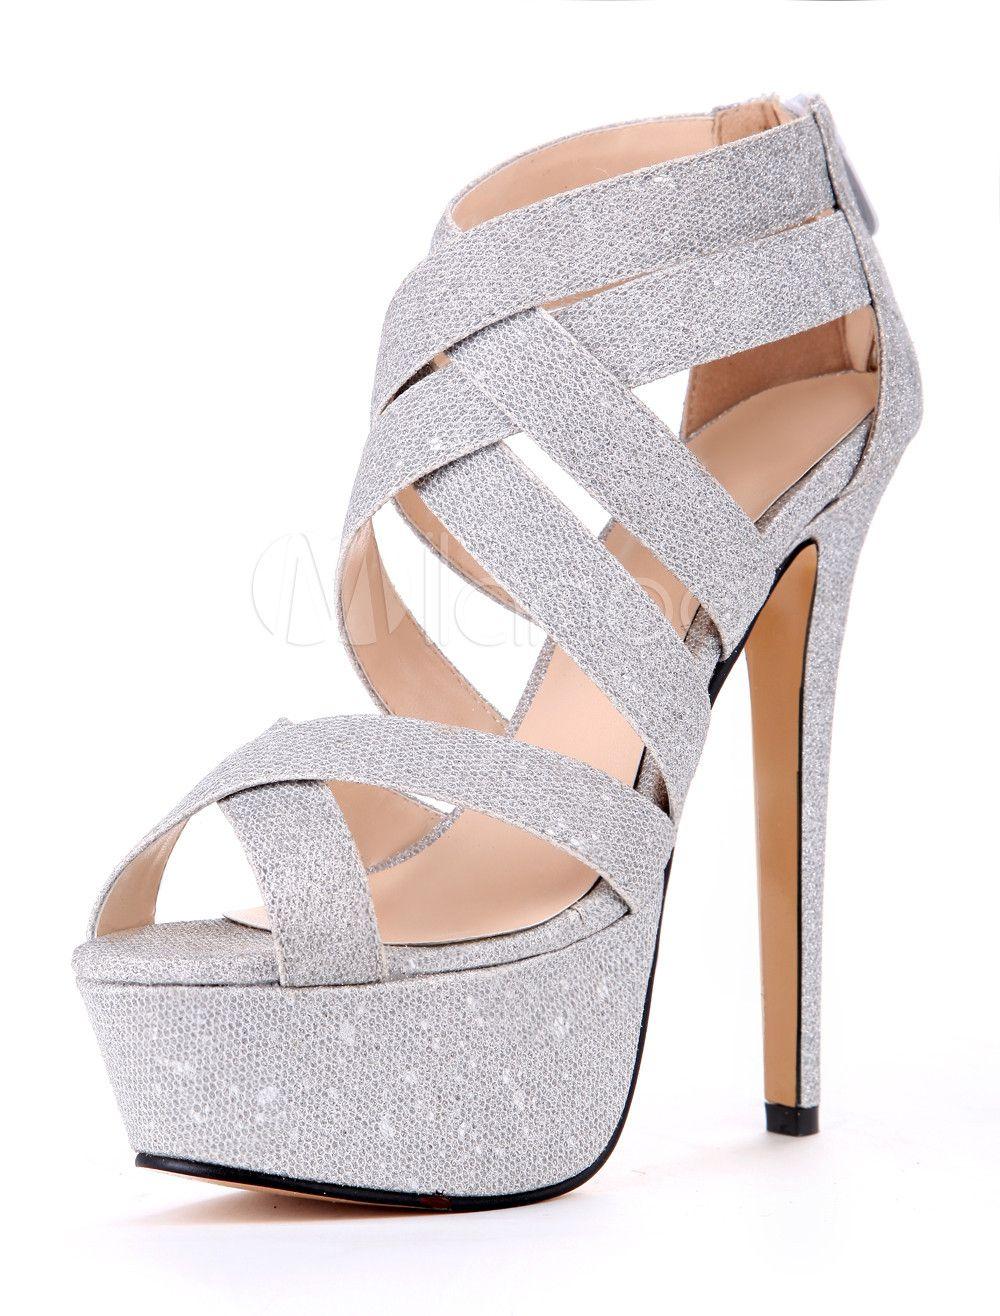 16f2864ab9bdf Silver Cloth Stiletto Heel Gladiator Sandals